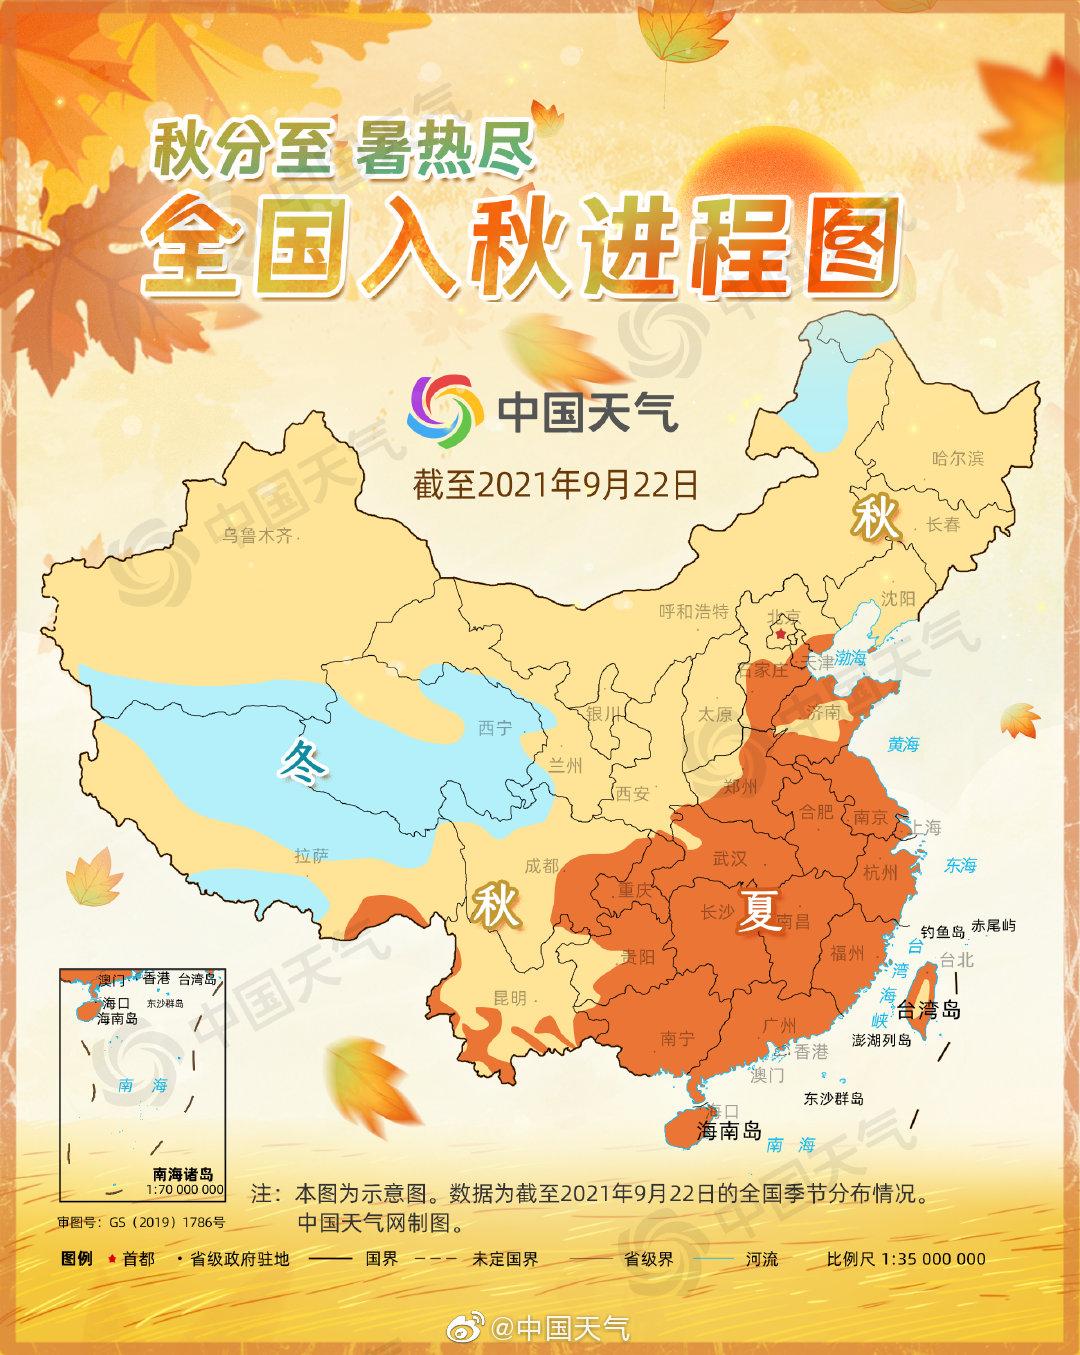 全国入秋进程图来了!告诉你秋天到哪了